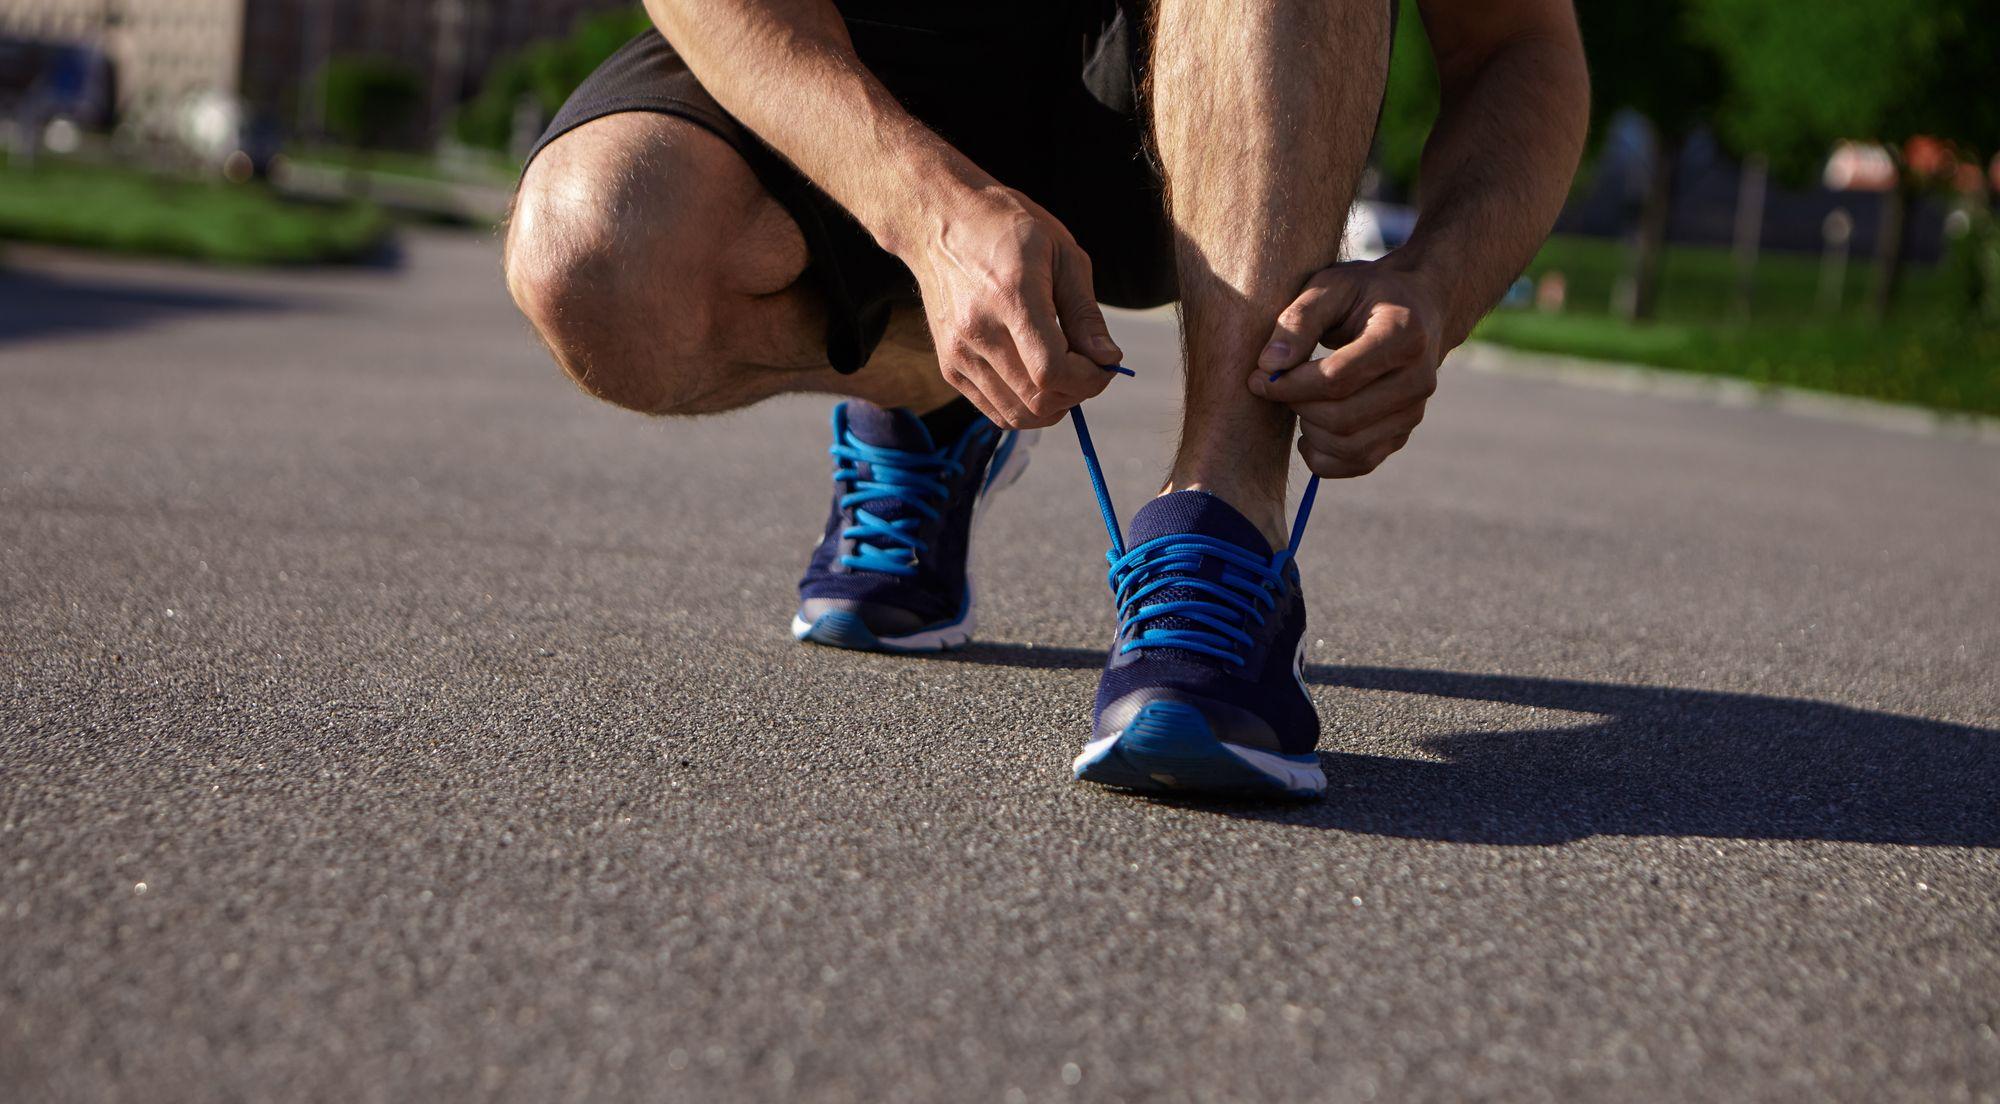 Der Nüchternlauf: Dauer und Intensität